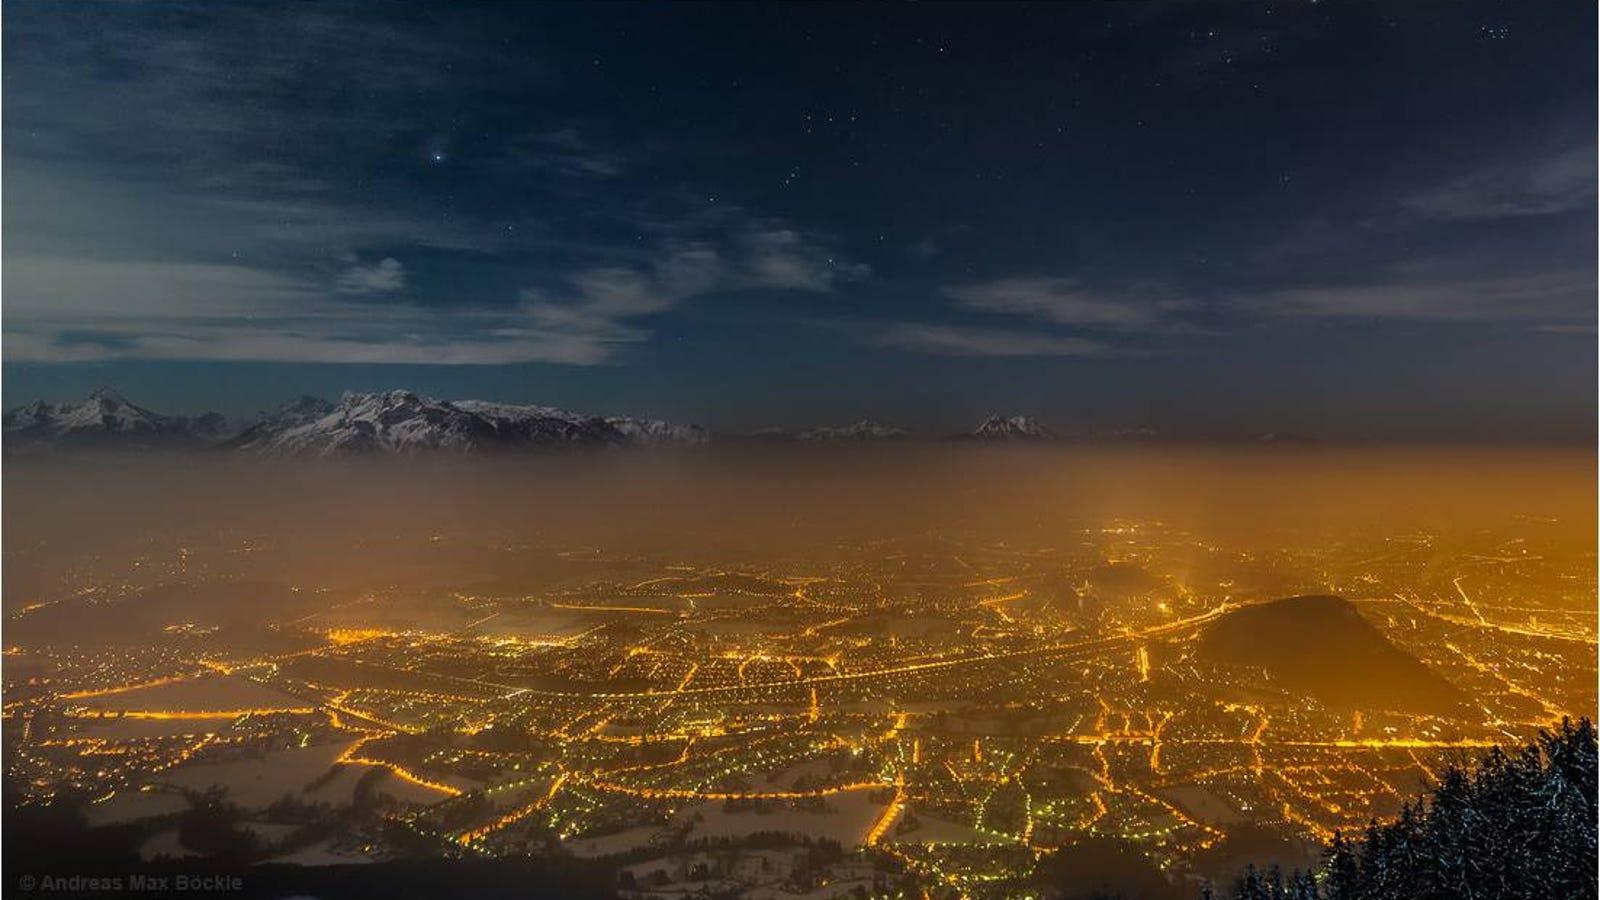 Descubre las mejores fotografías nocturnas del año